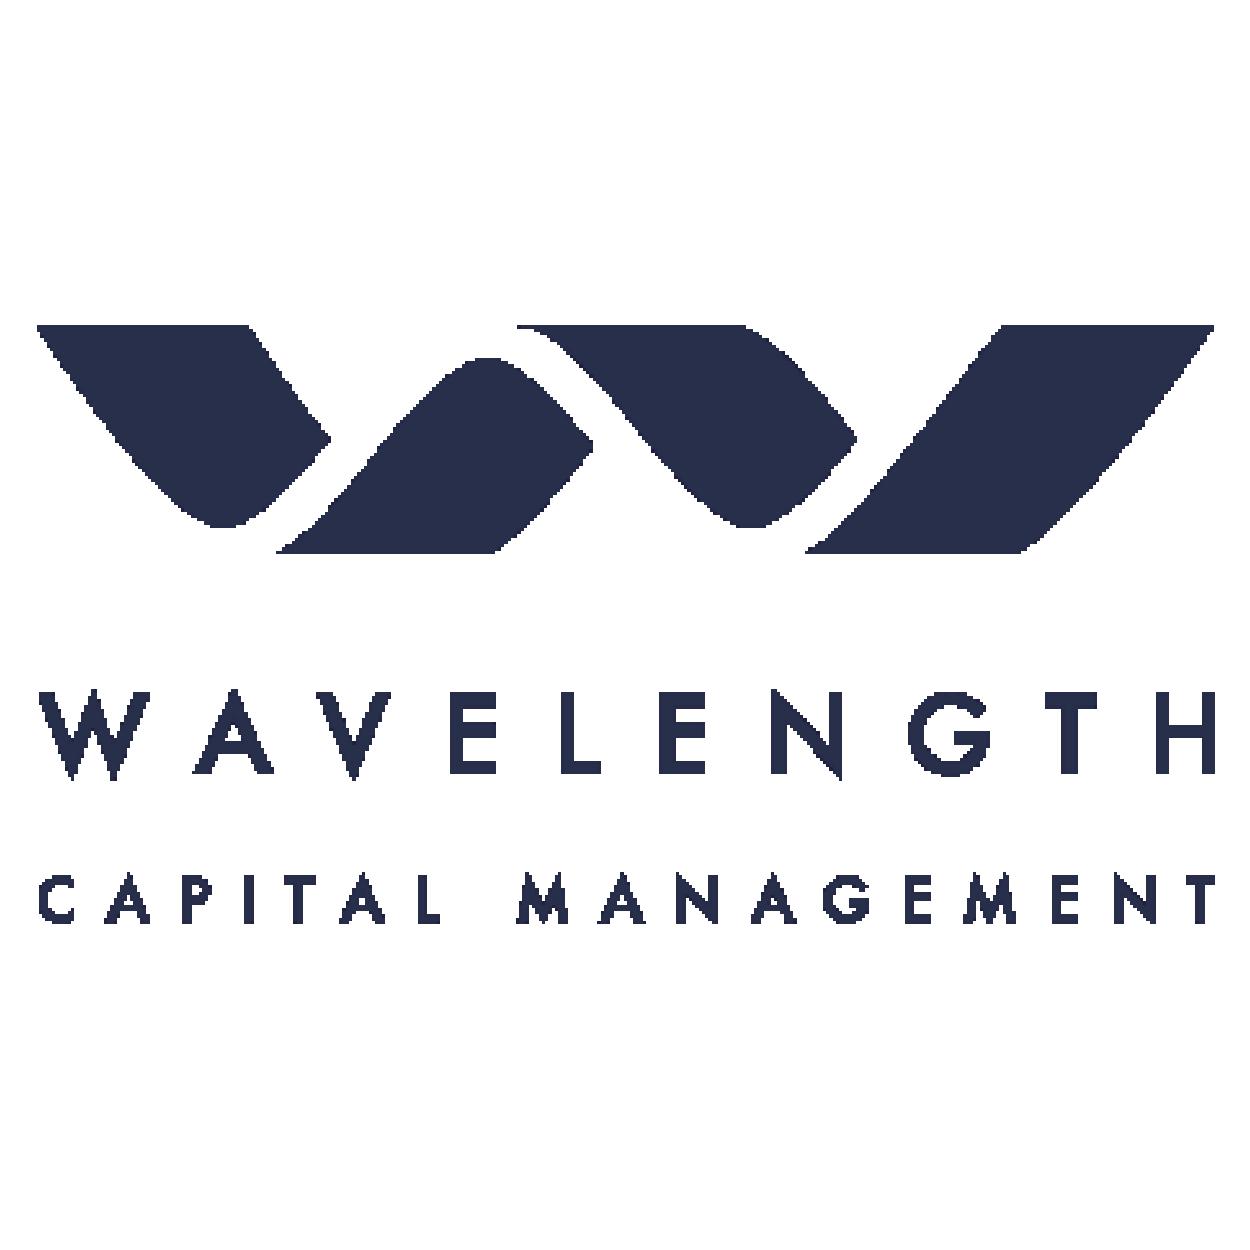 Wavelength Capital Management reconnu pour son excellence en placement en 2021 Refinitiv Lipper Fund Awards